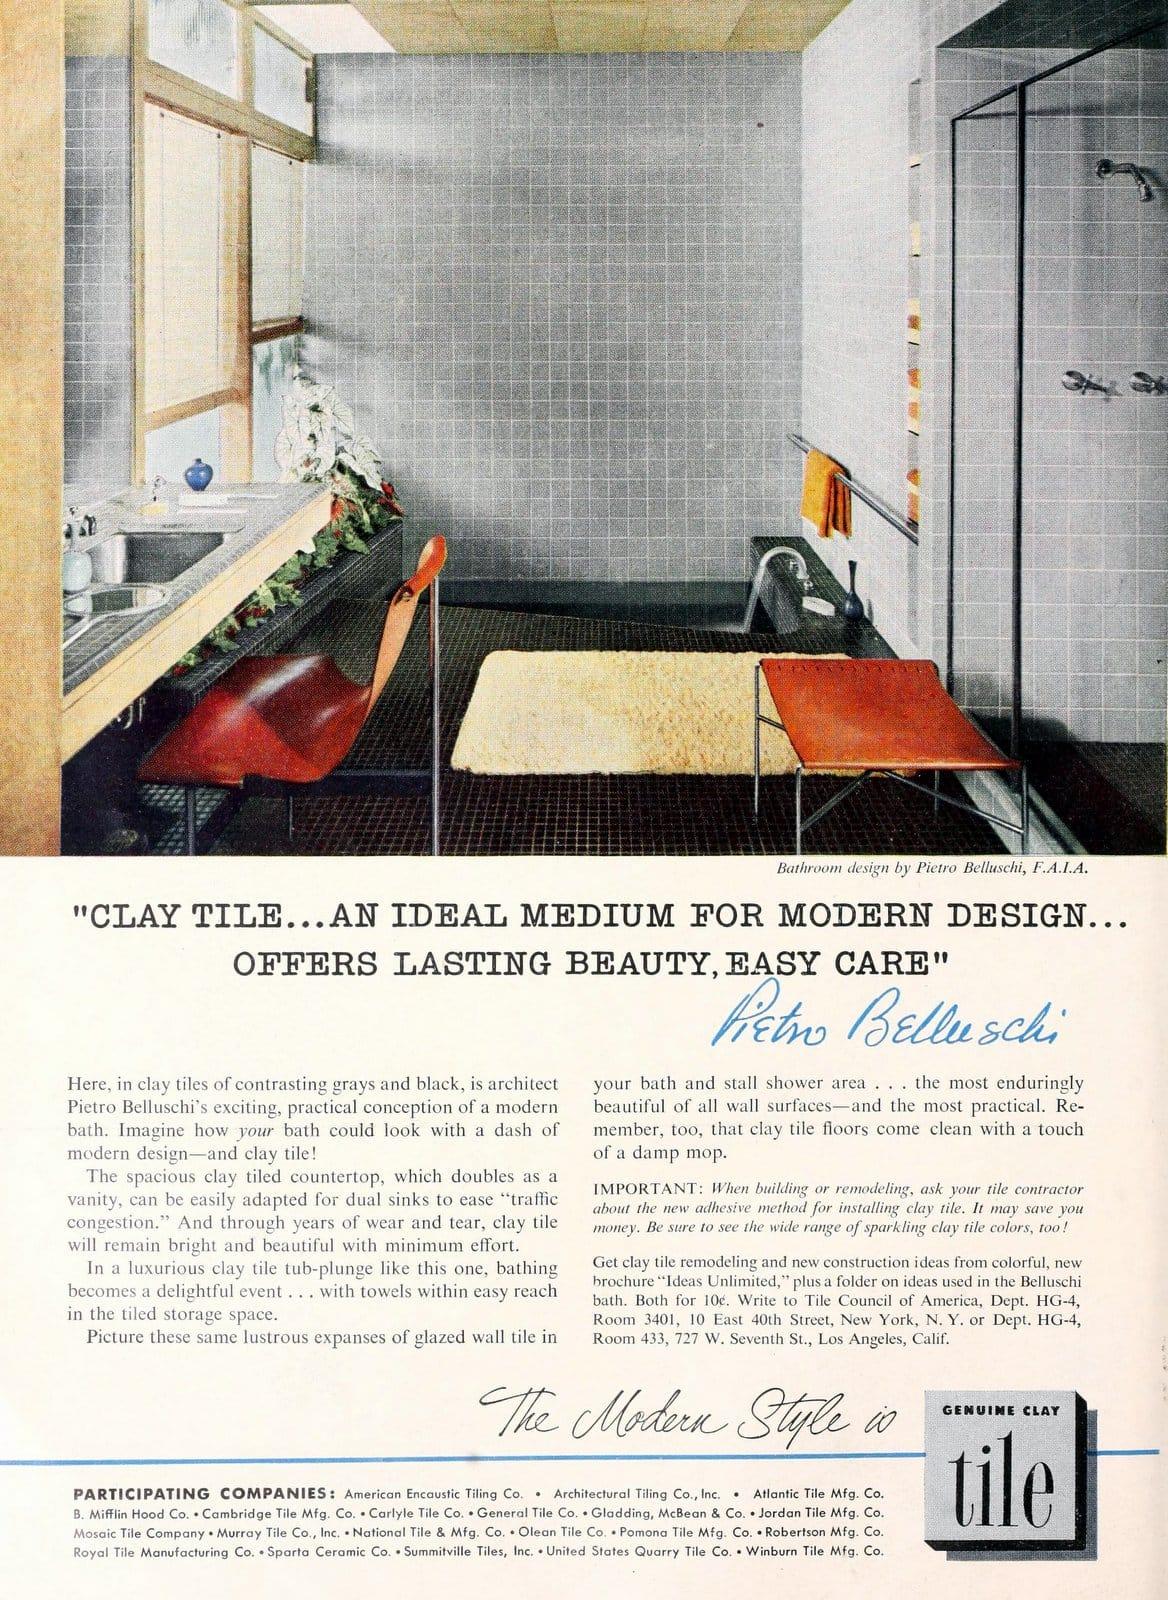 Vintage designer bathroom tile design (1955)